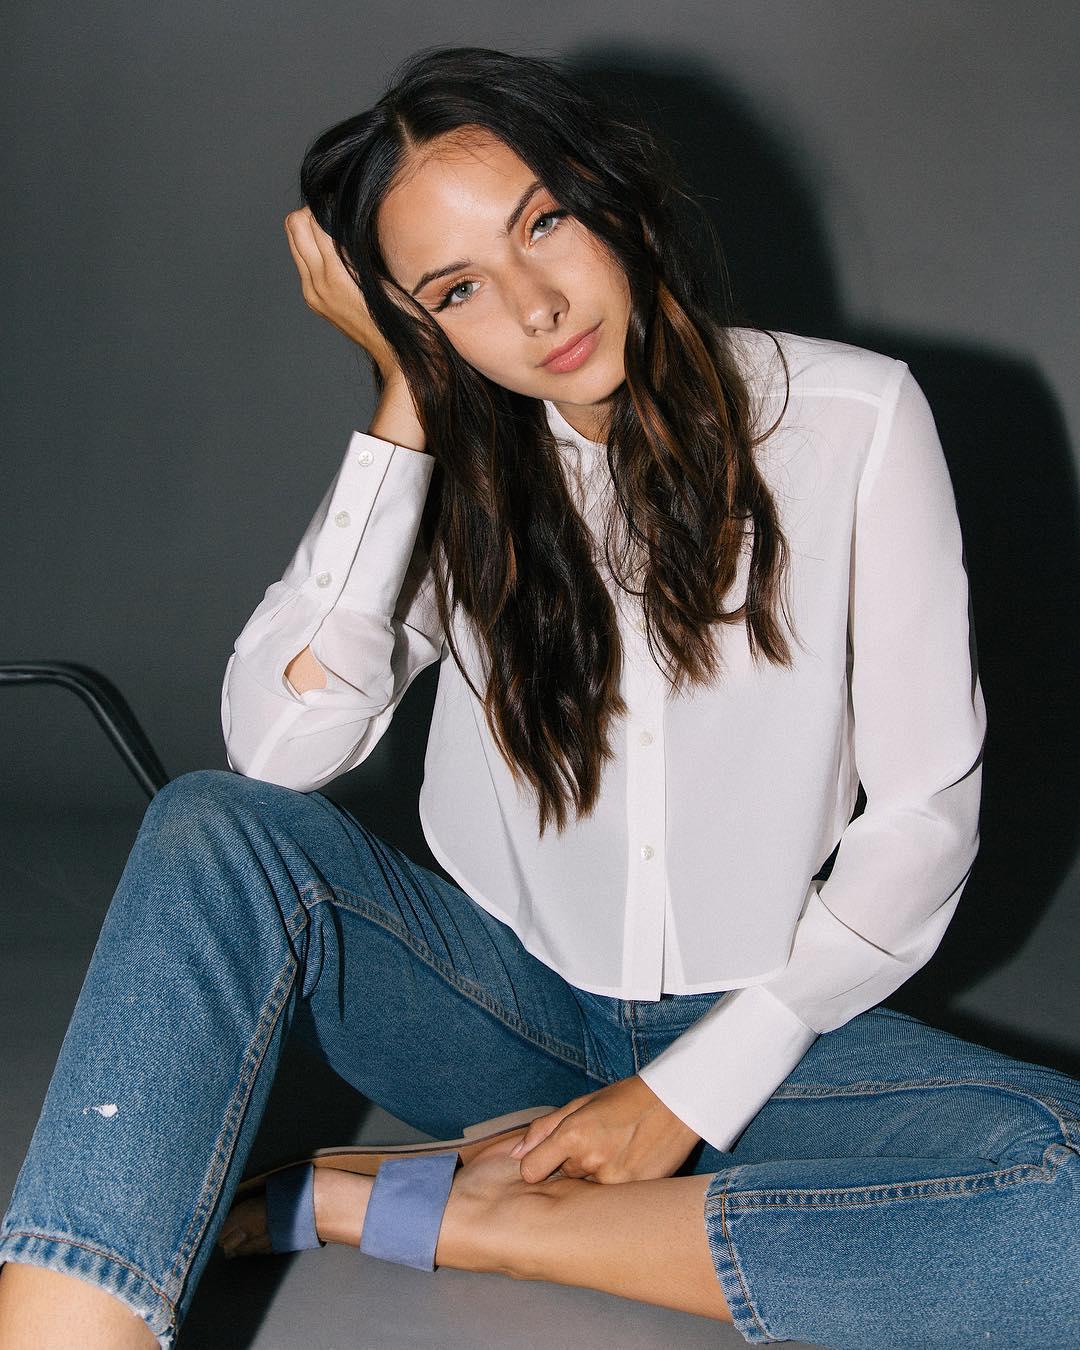 Rachel Raquel American Singer and Model